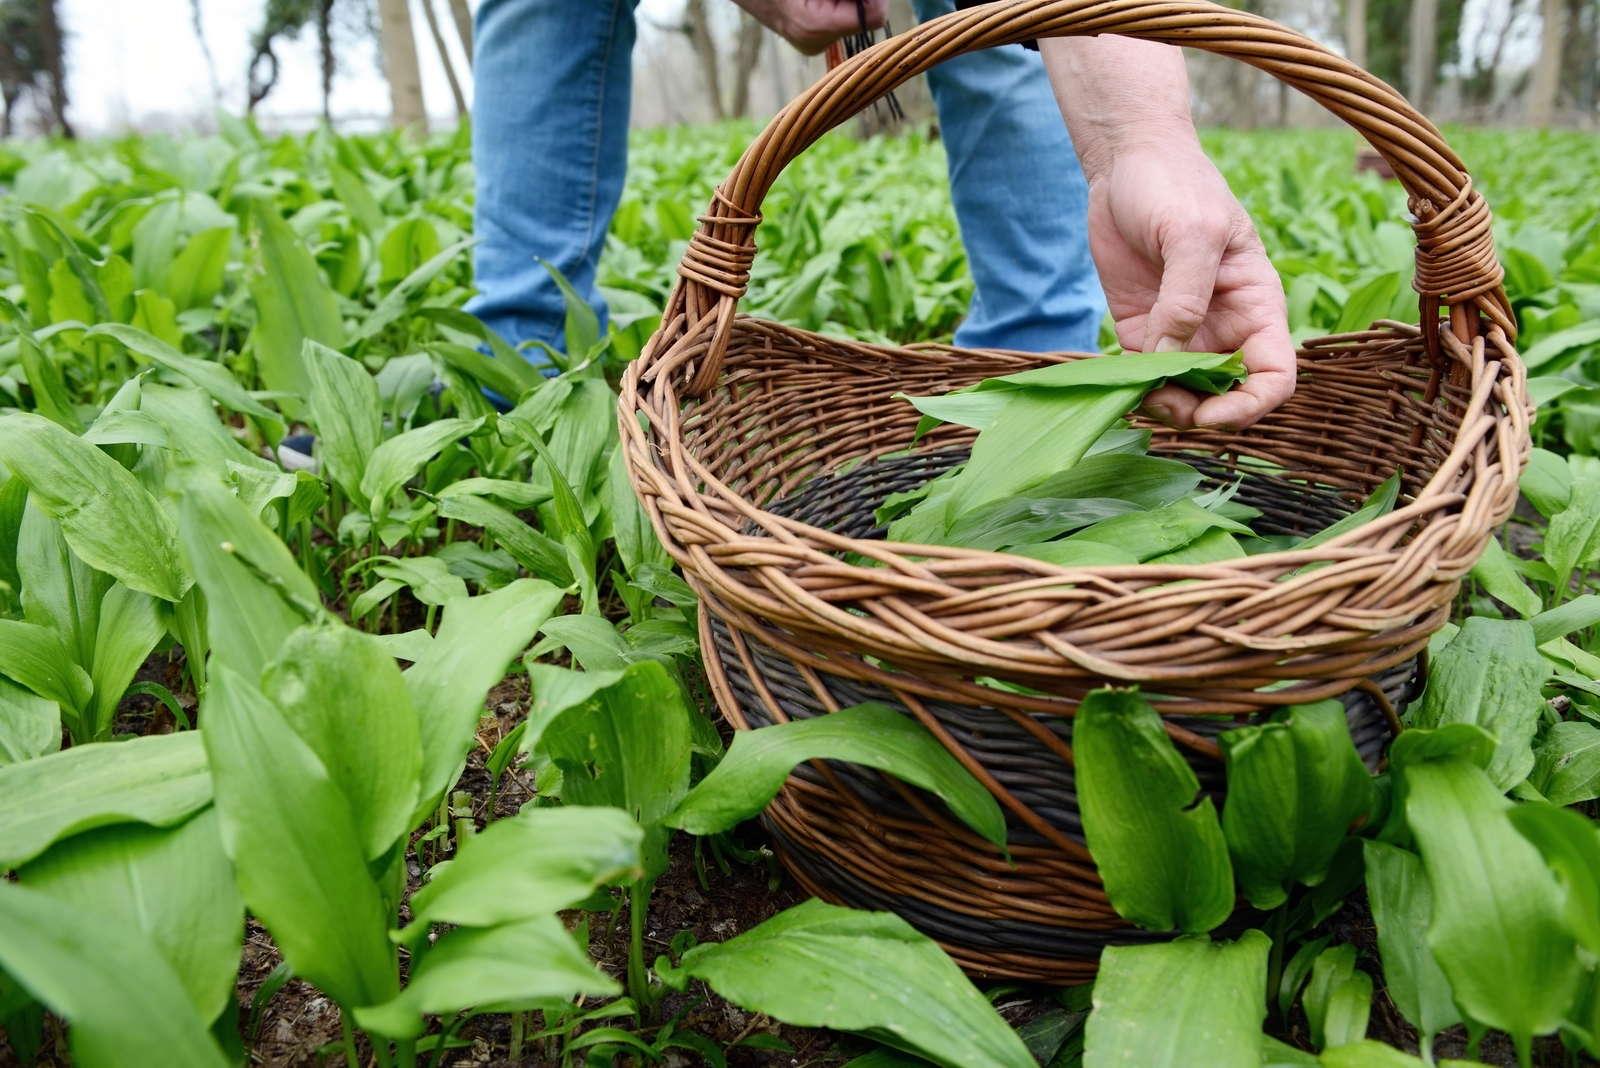 b rlauch anpflanzen den wilden knoblauch selbst pflanzen plantura. Black Bedroom Furniture Sets. Home Design Ideas